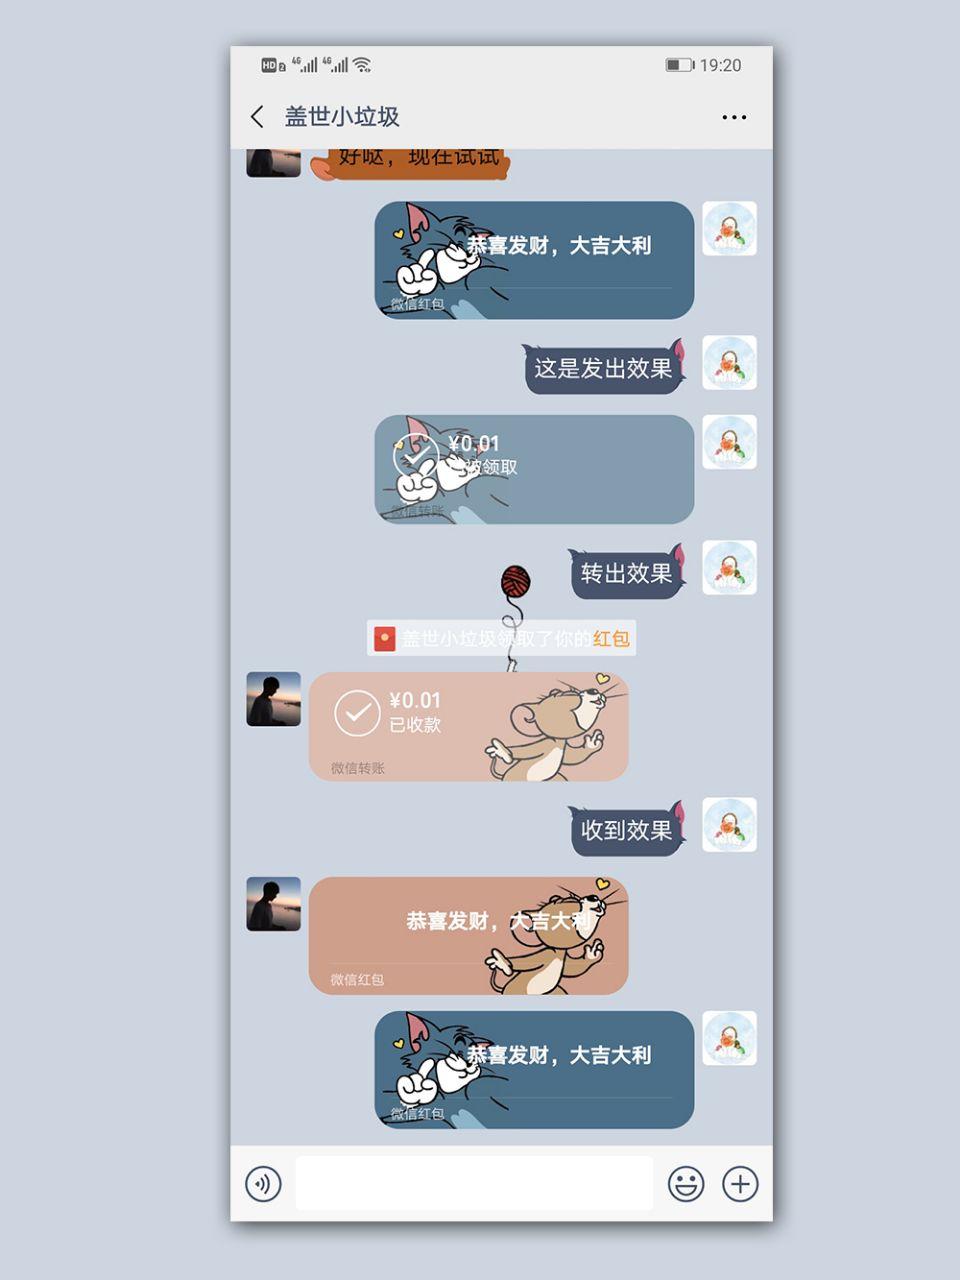 华为手机猫和老鼠主题 微信猫和老鼠气泡分享